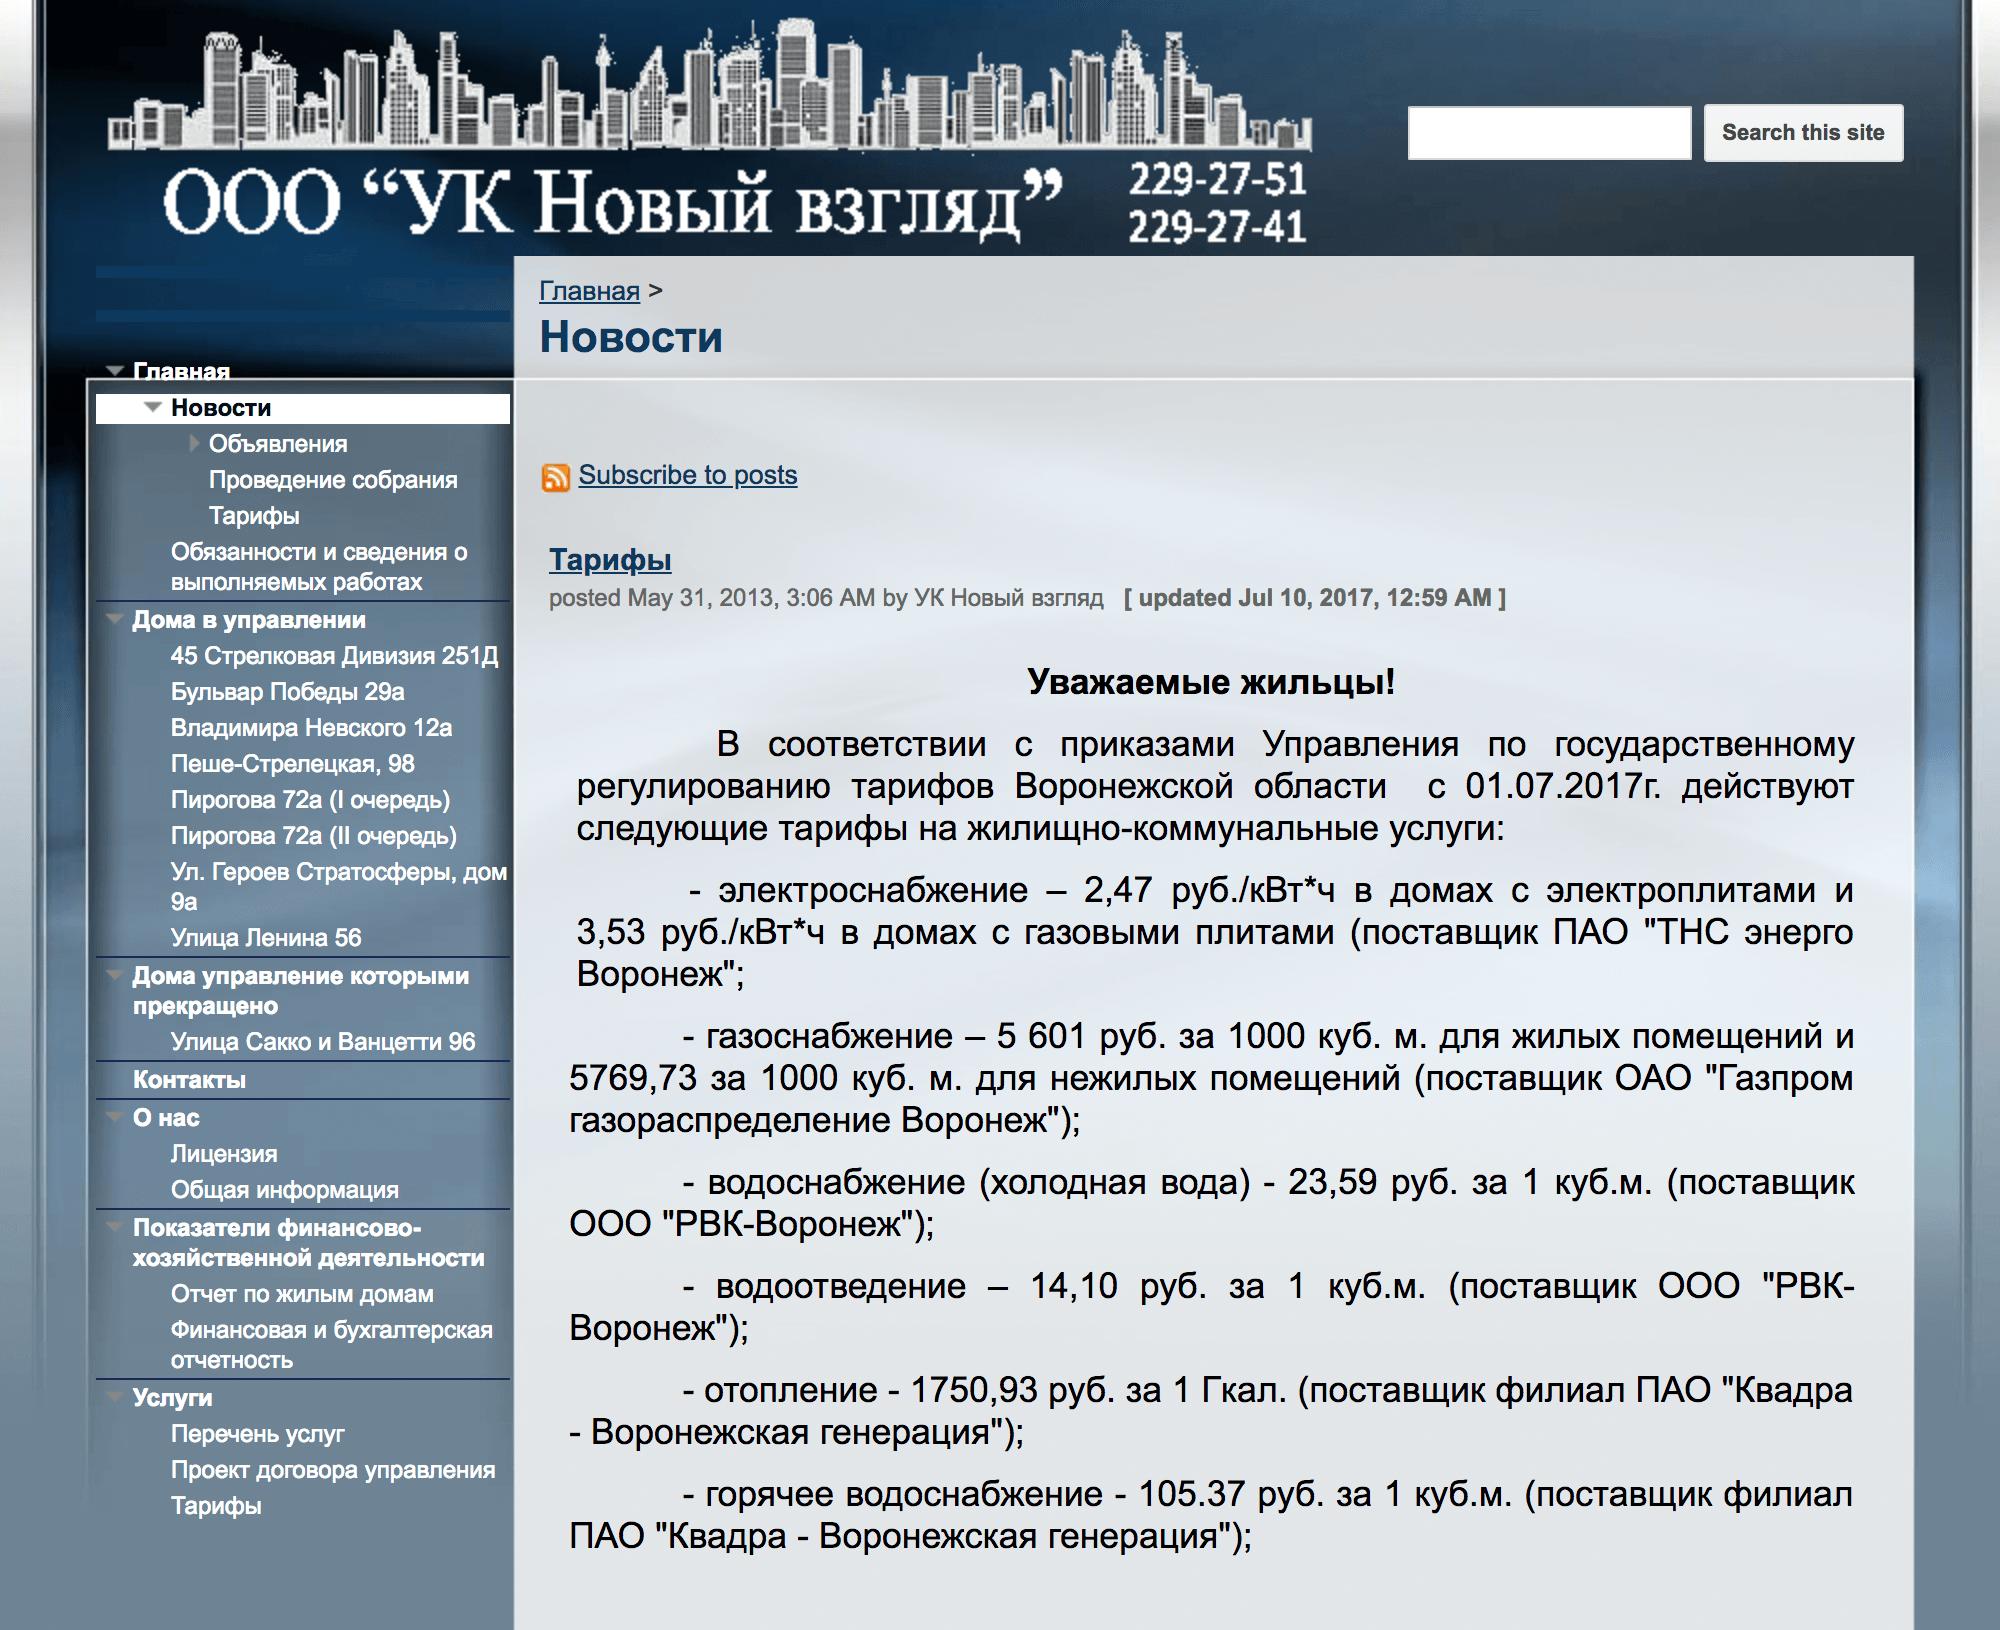 Сайт воронежской УК «Новый взгляд» с тарифами на коммунальные услуги. Данные размещены прямо на сайте компании